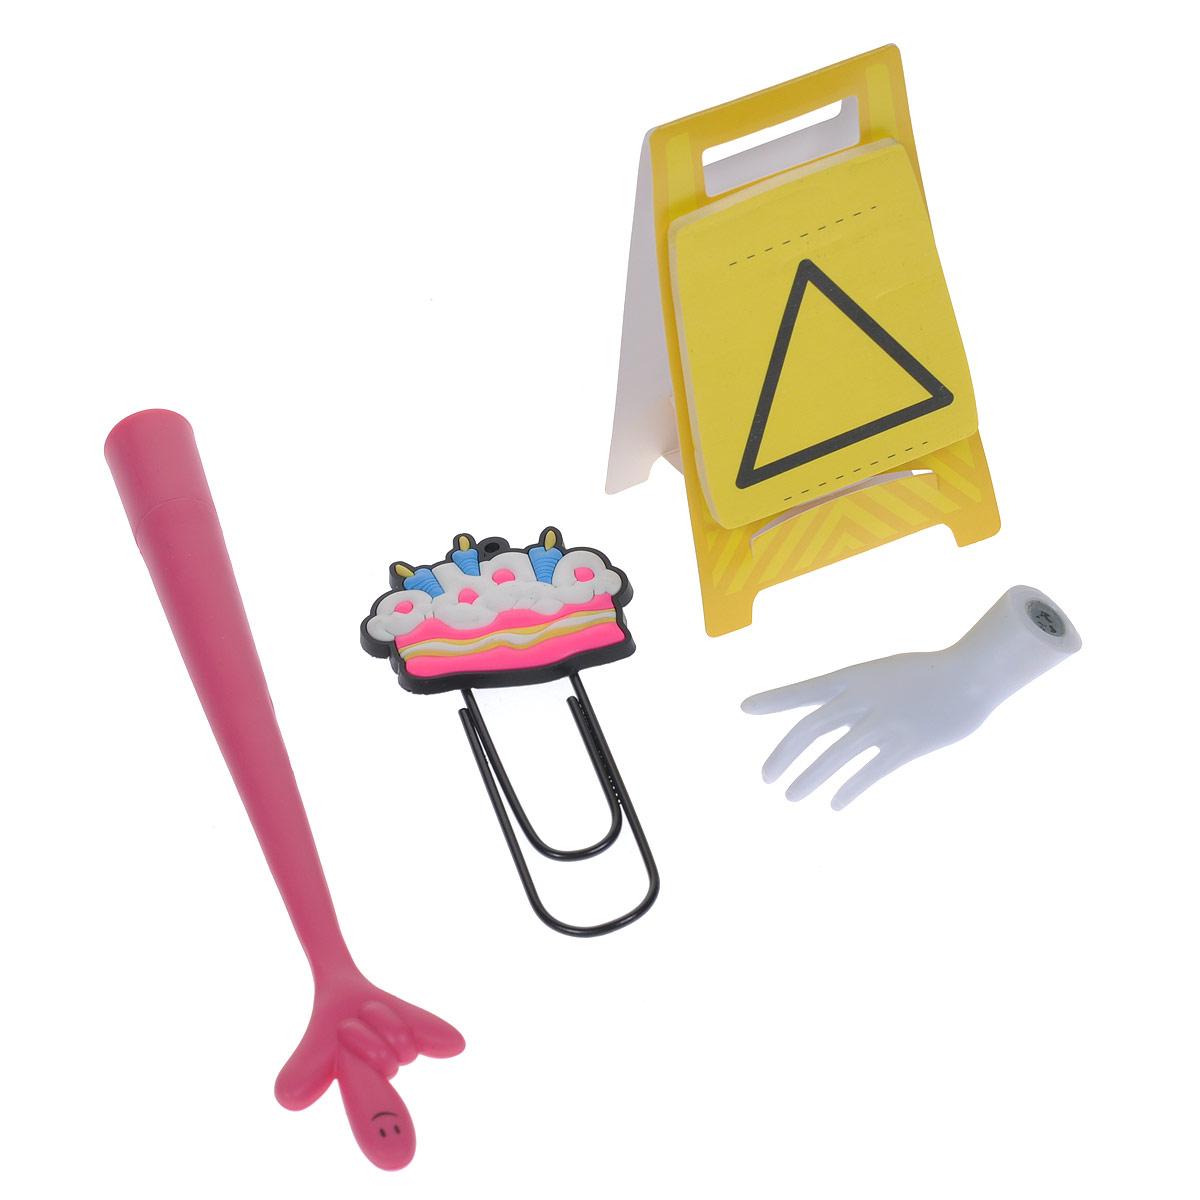 Набор канцелярский №30: ручка, скрепка, стикеры, магнит. 003713